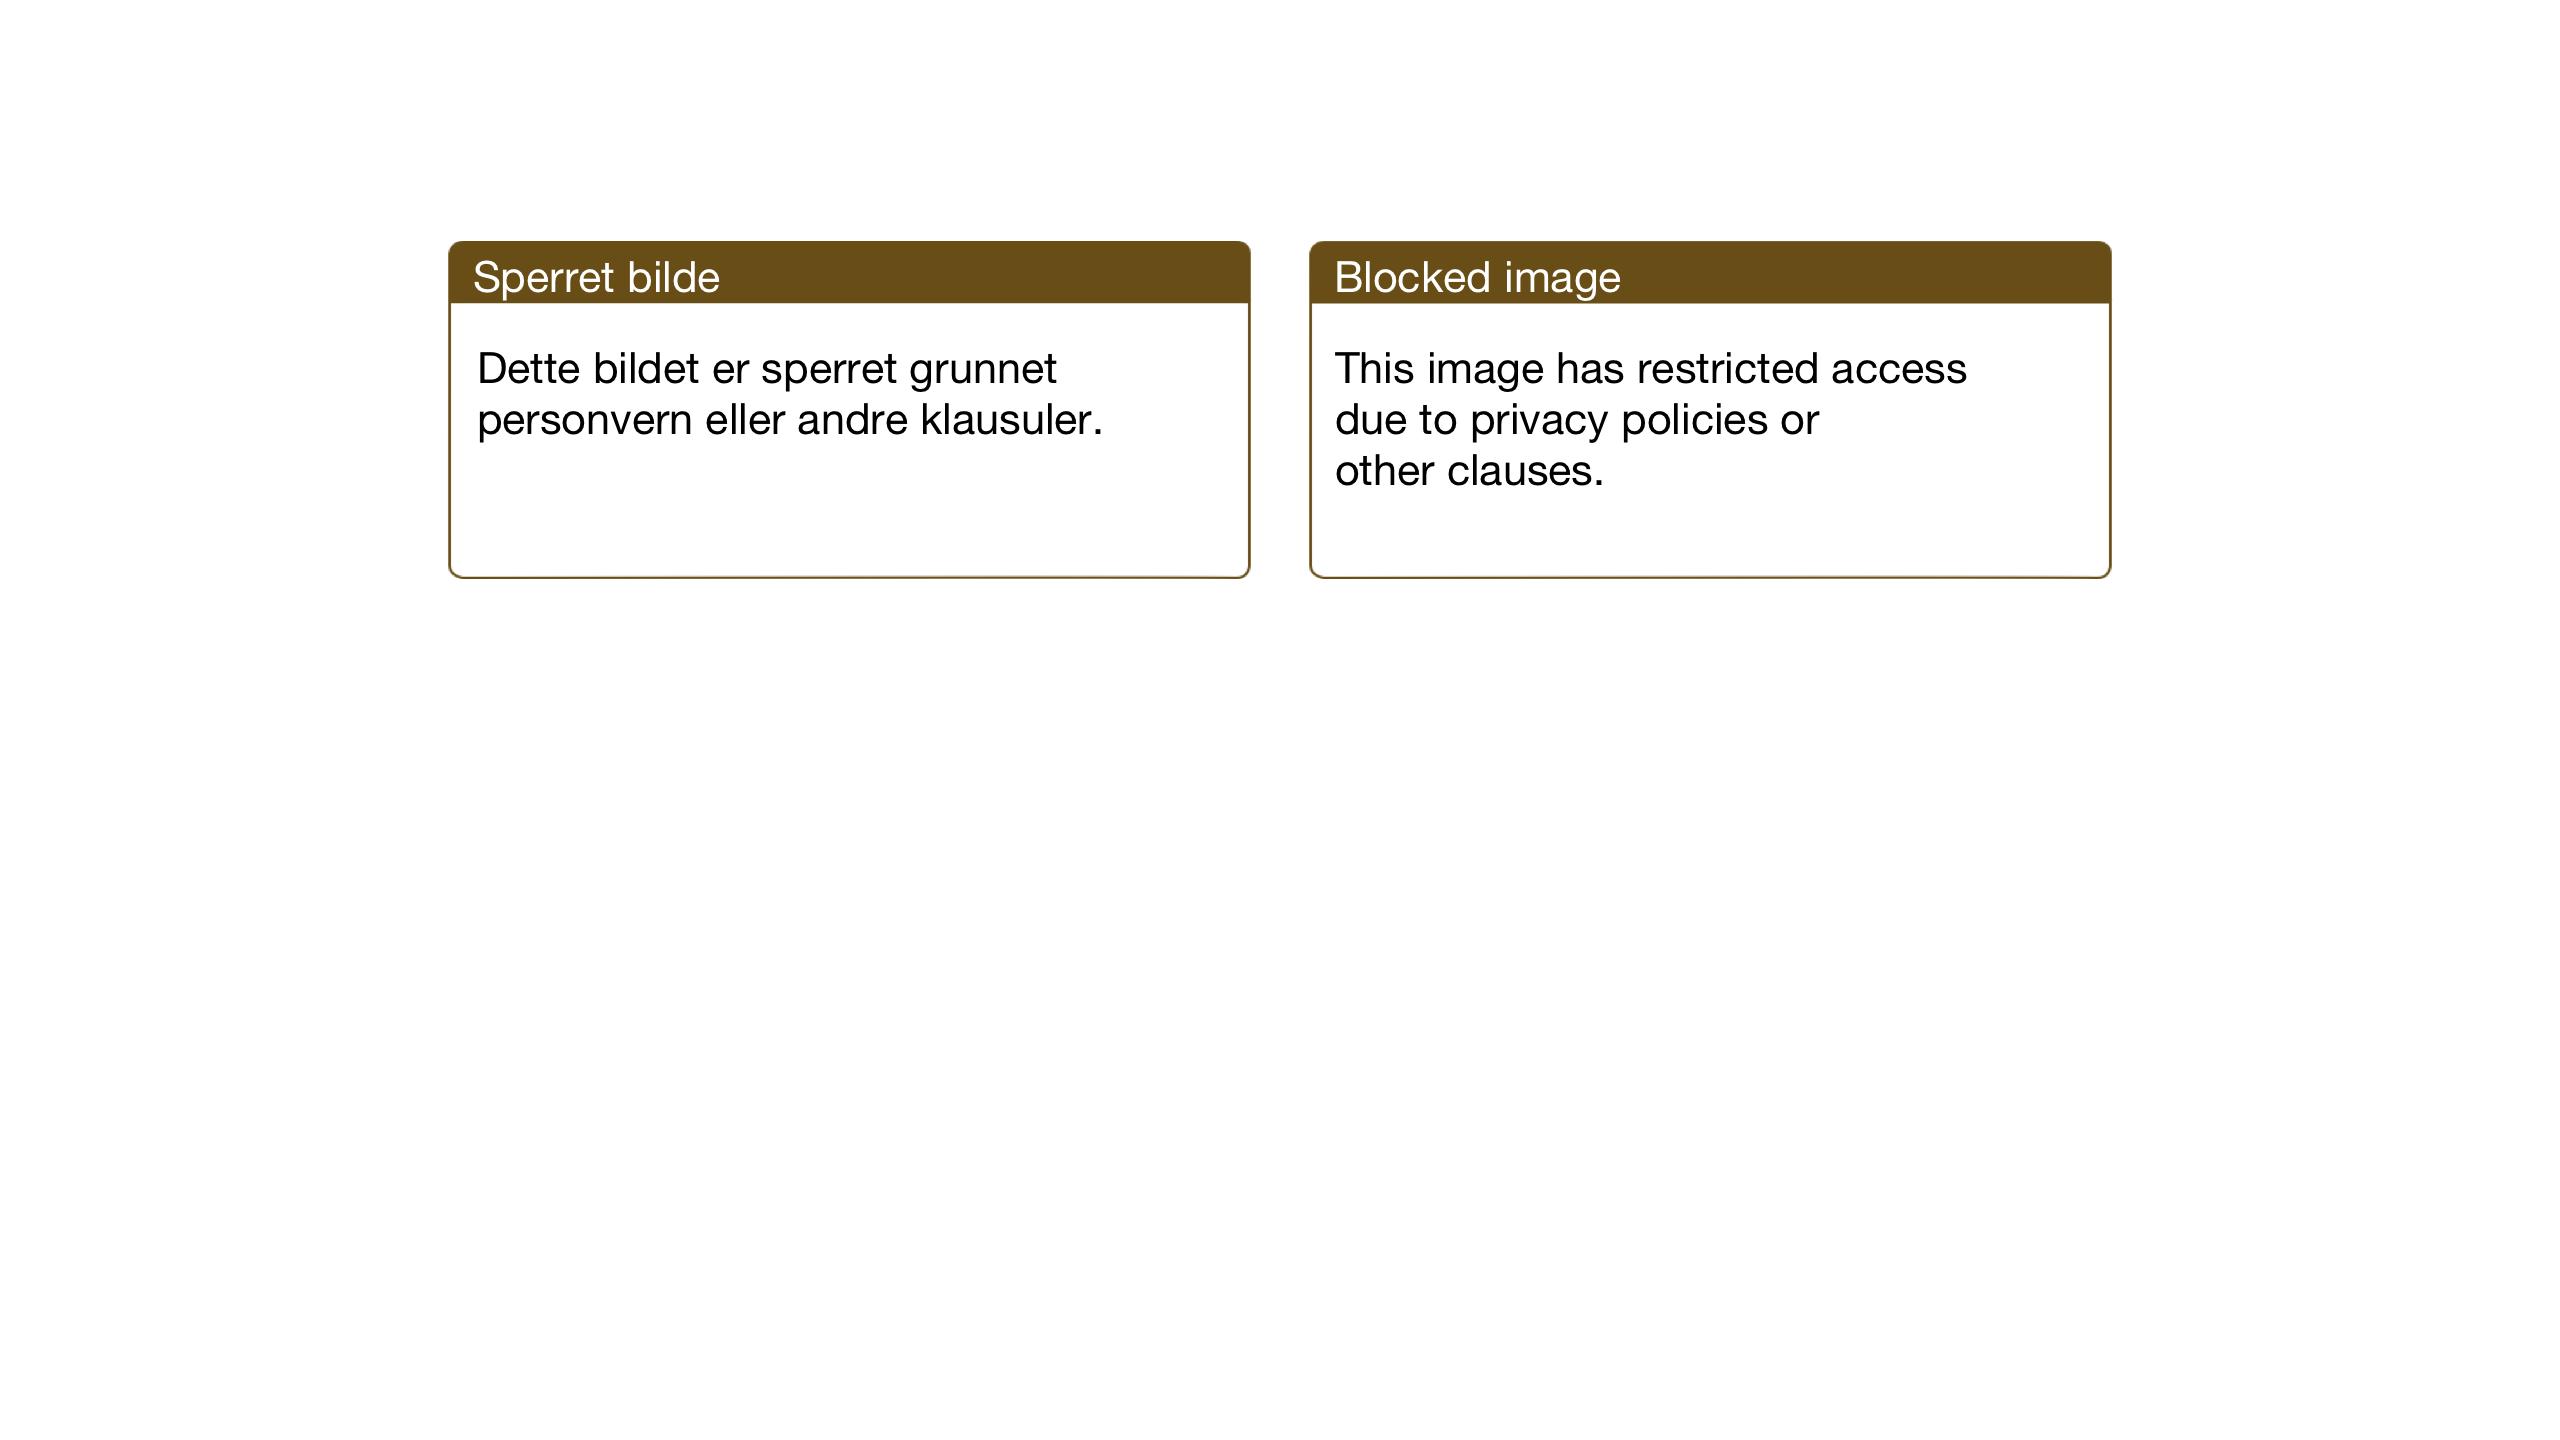 SAT, Ministerialprotokoller, klokkerbøker og fødselsregistre - Sør-Trøndelag, 653/L0658: Klokkerbok nr. 653C02, 1919-1947, s. 145